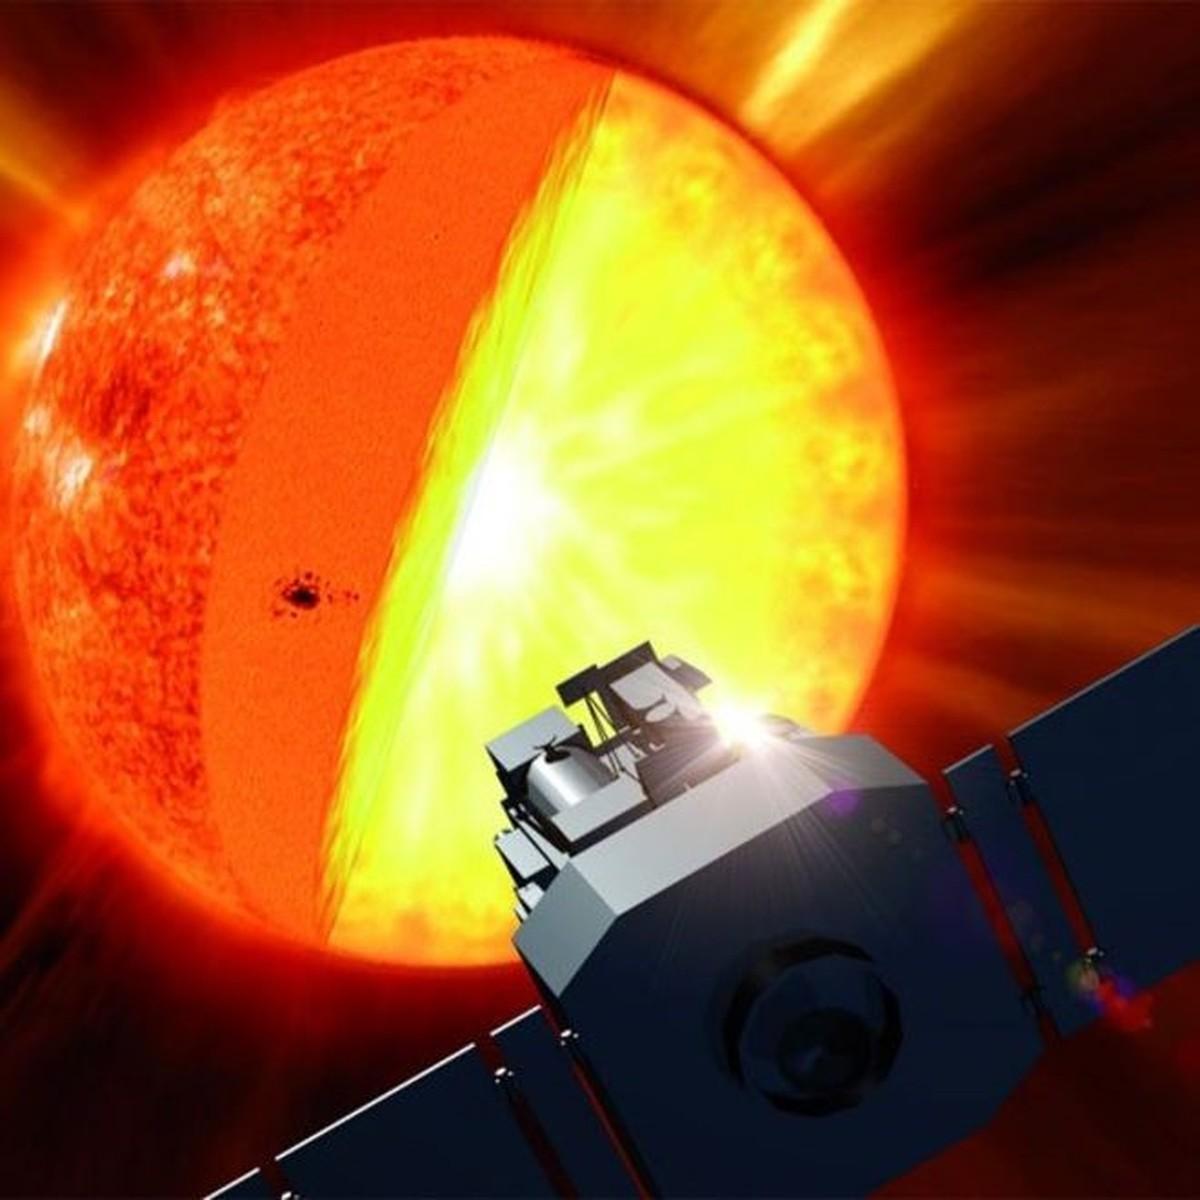 A surpreendente descoberta sobre o núcleo do Sol que intriga os cientistas